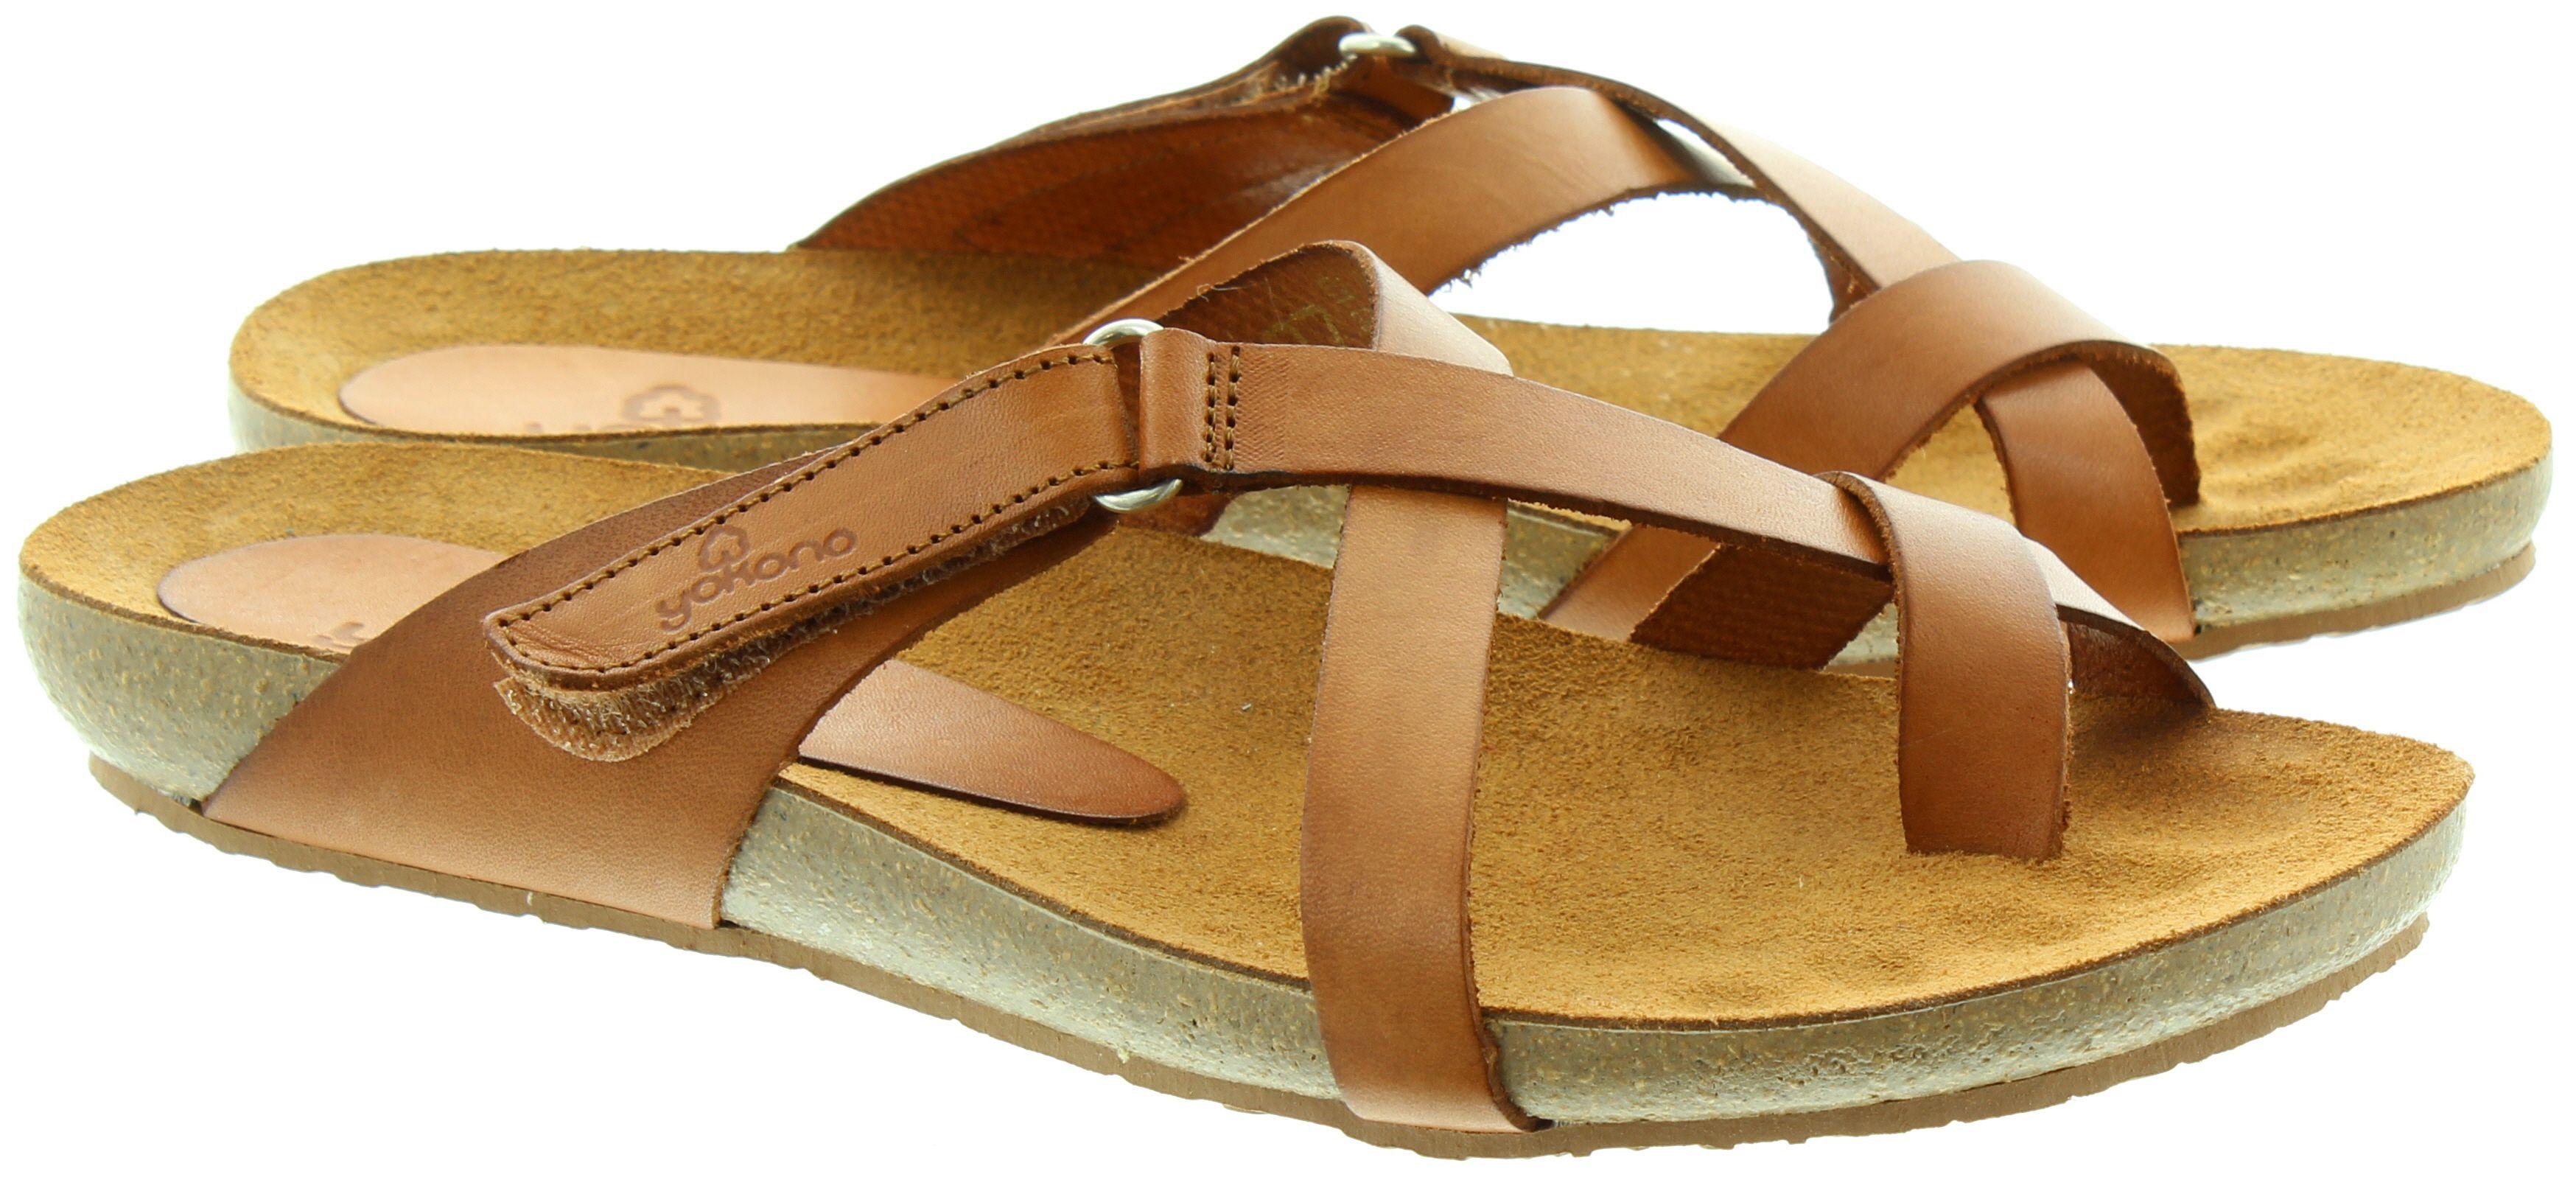 32da8d5ef Shop the Yokono 581 Toe Loop Sandals in Tan in Tan at Jake Shoes. Get